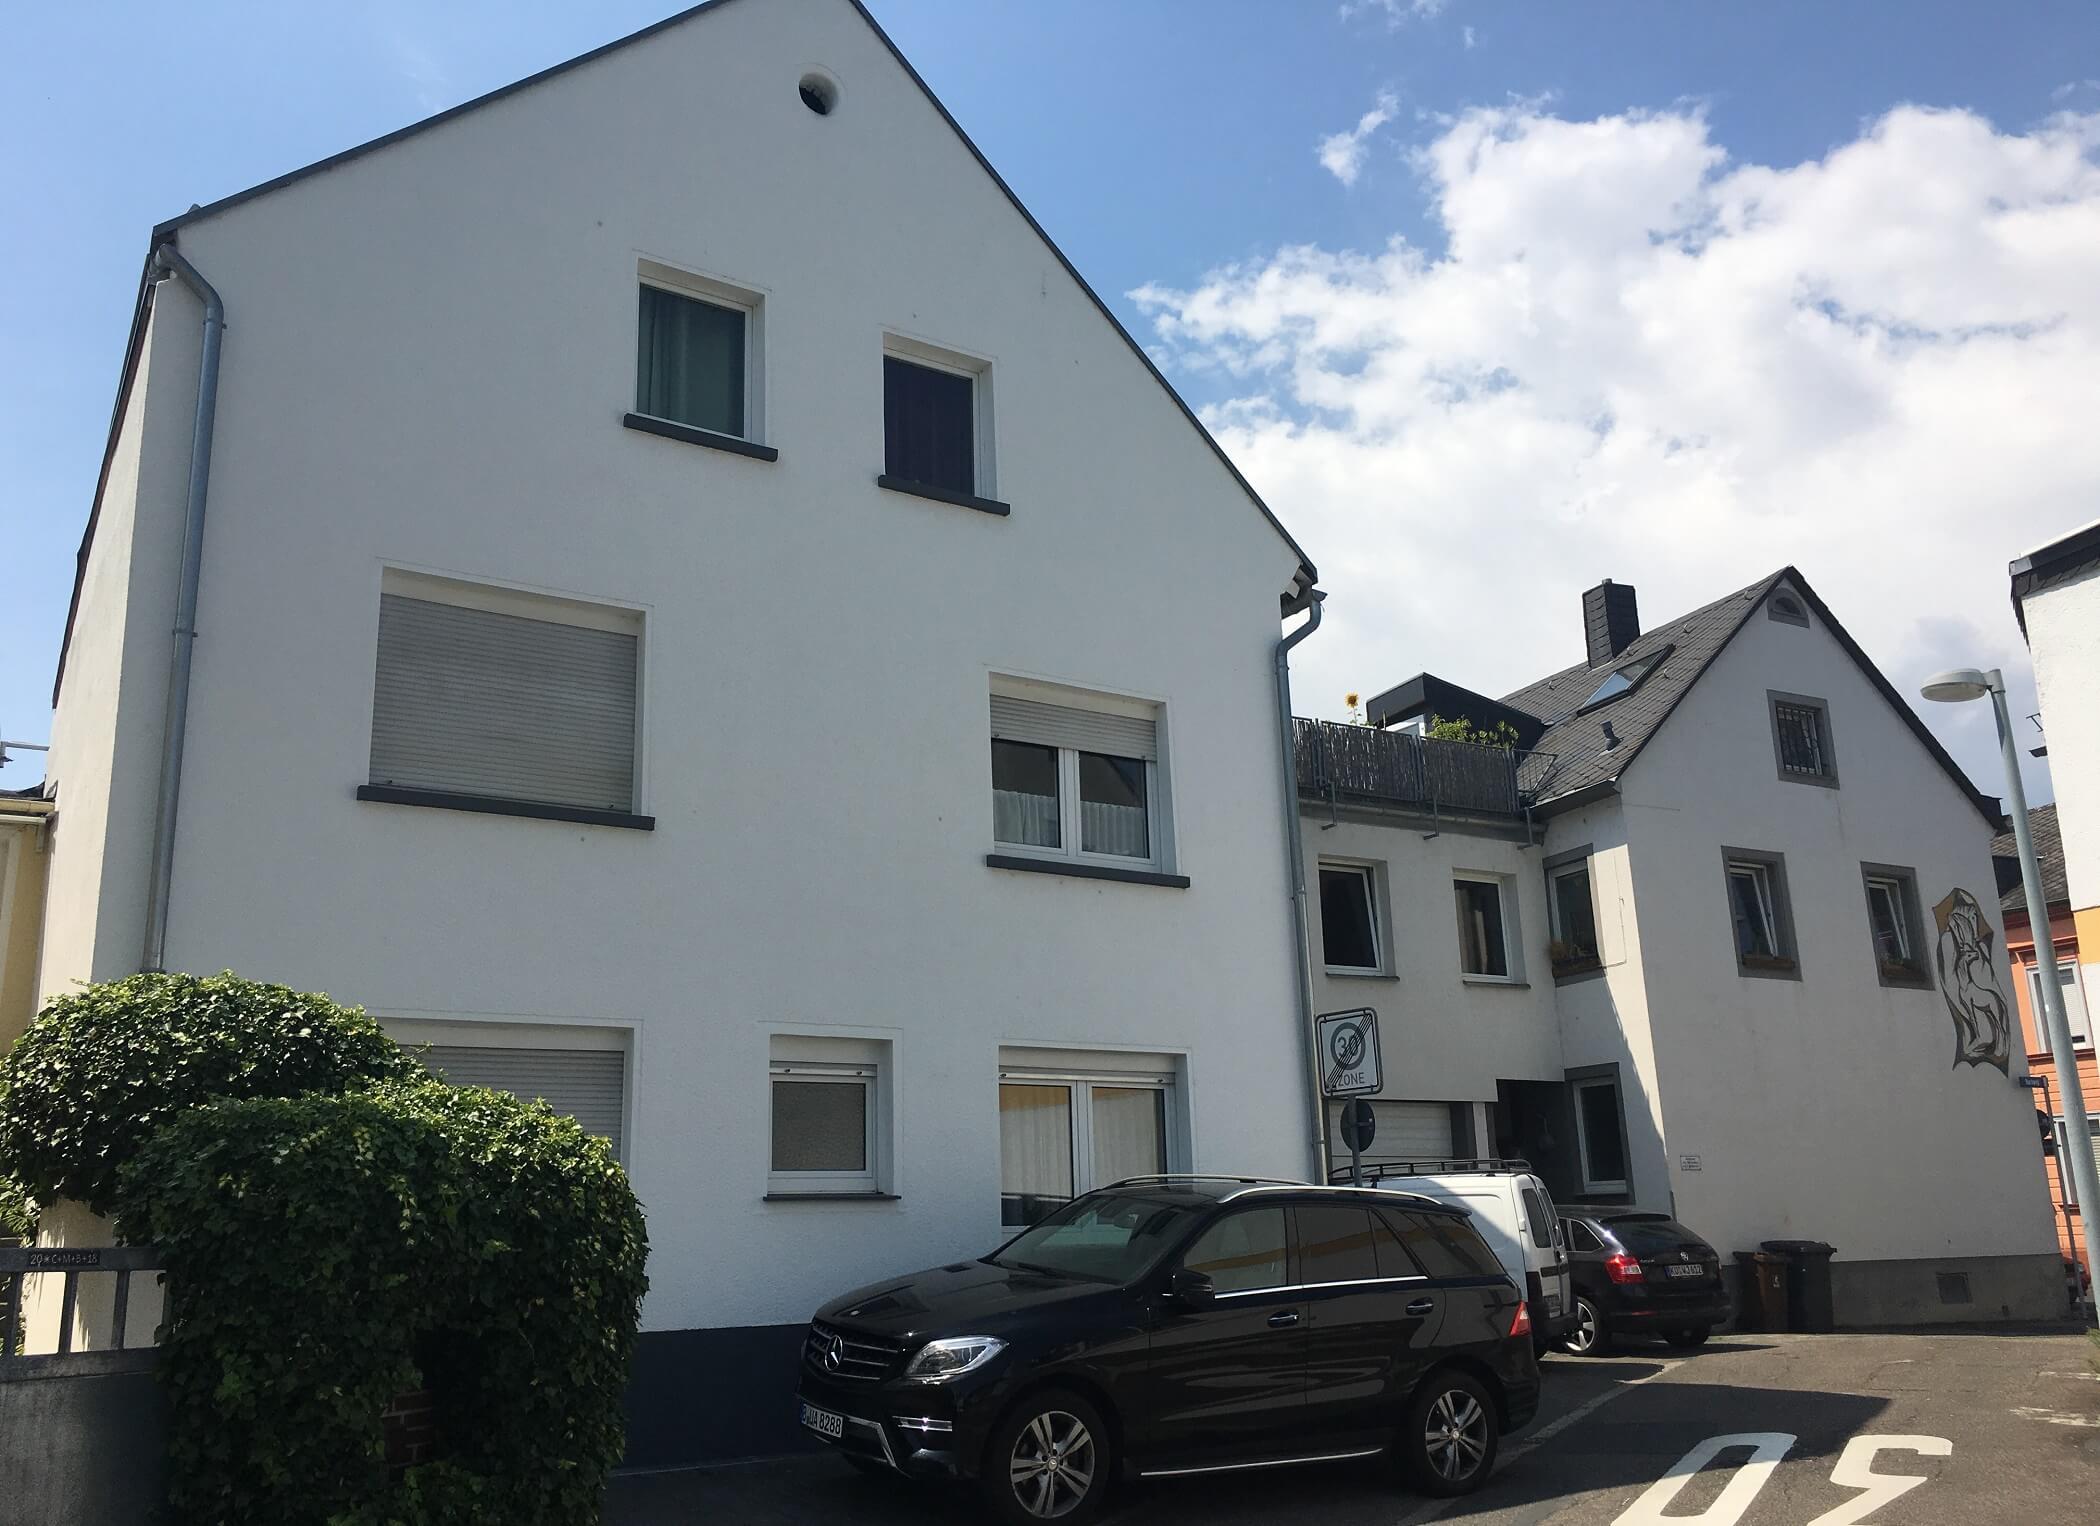 Ferienhaus-UNI-Koblenz - Außenansicht